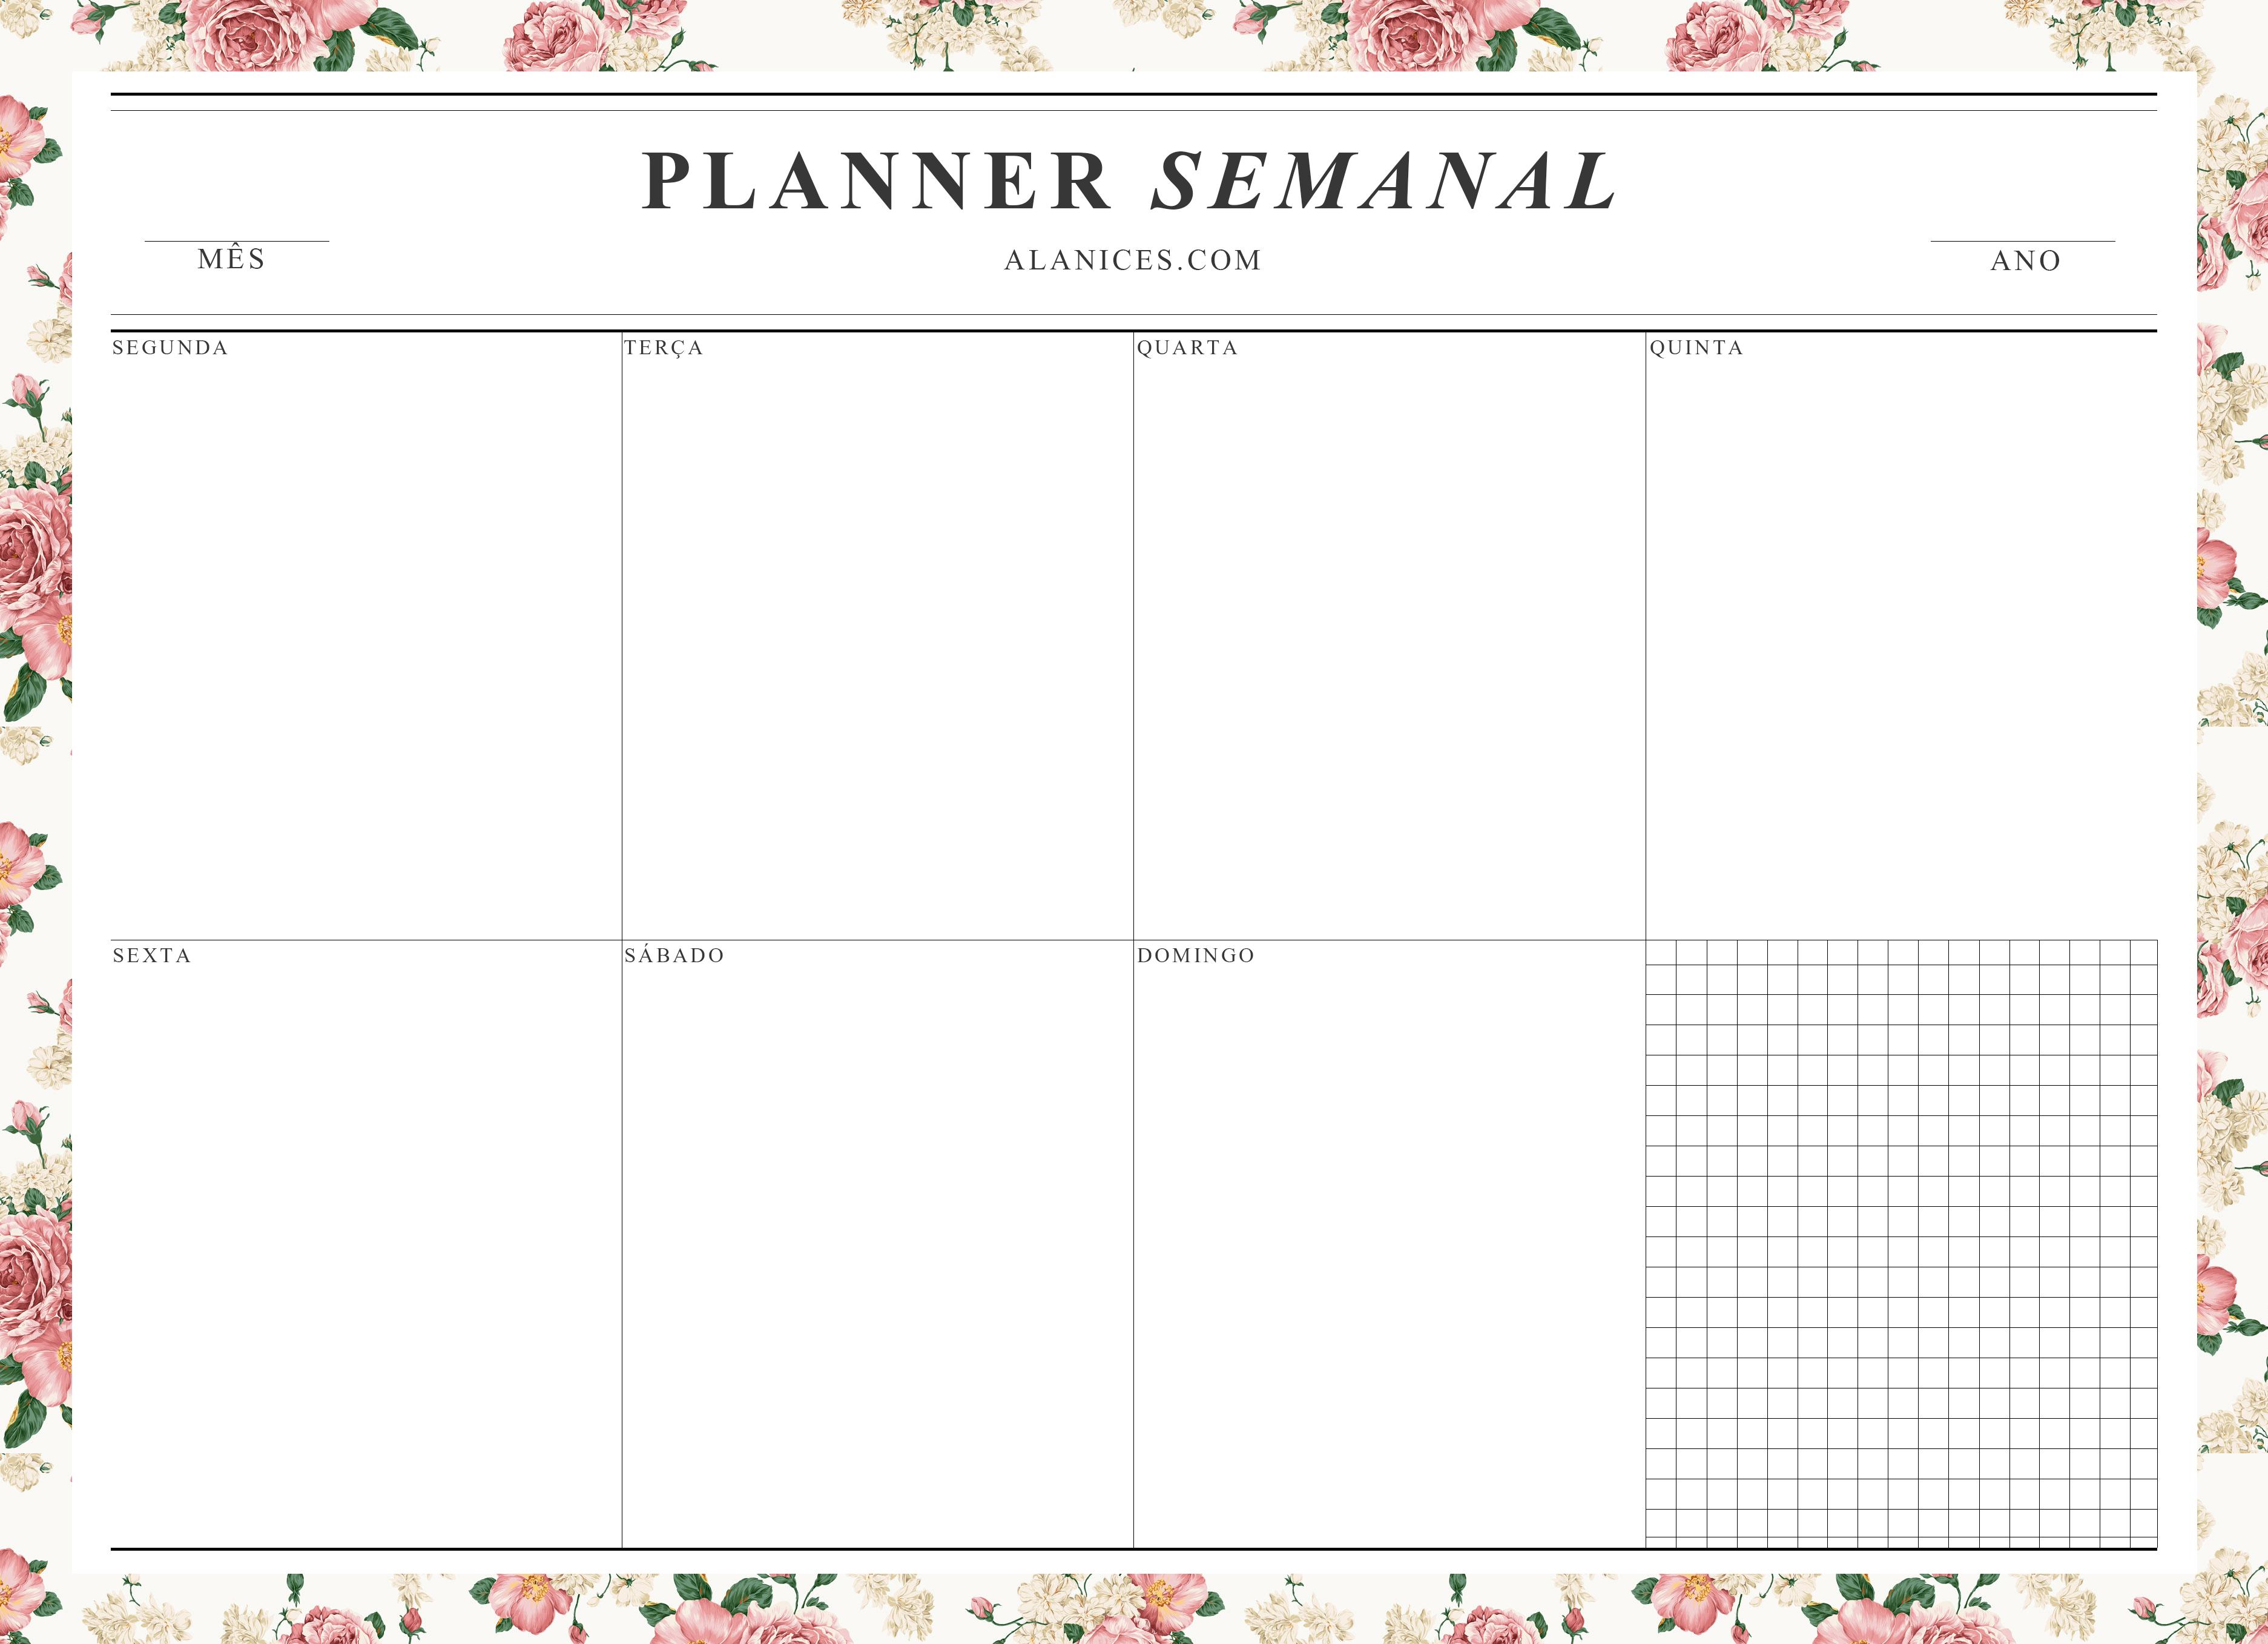 Planner semanal pesquisa google planner 2017 pinterest semanal pesquisa google e pesquisa for Planner pinterest